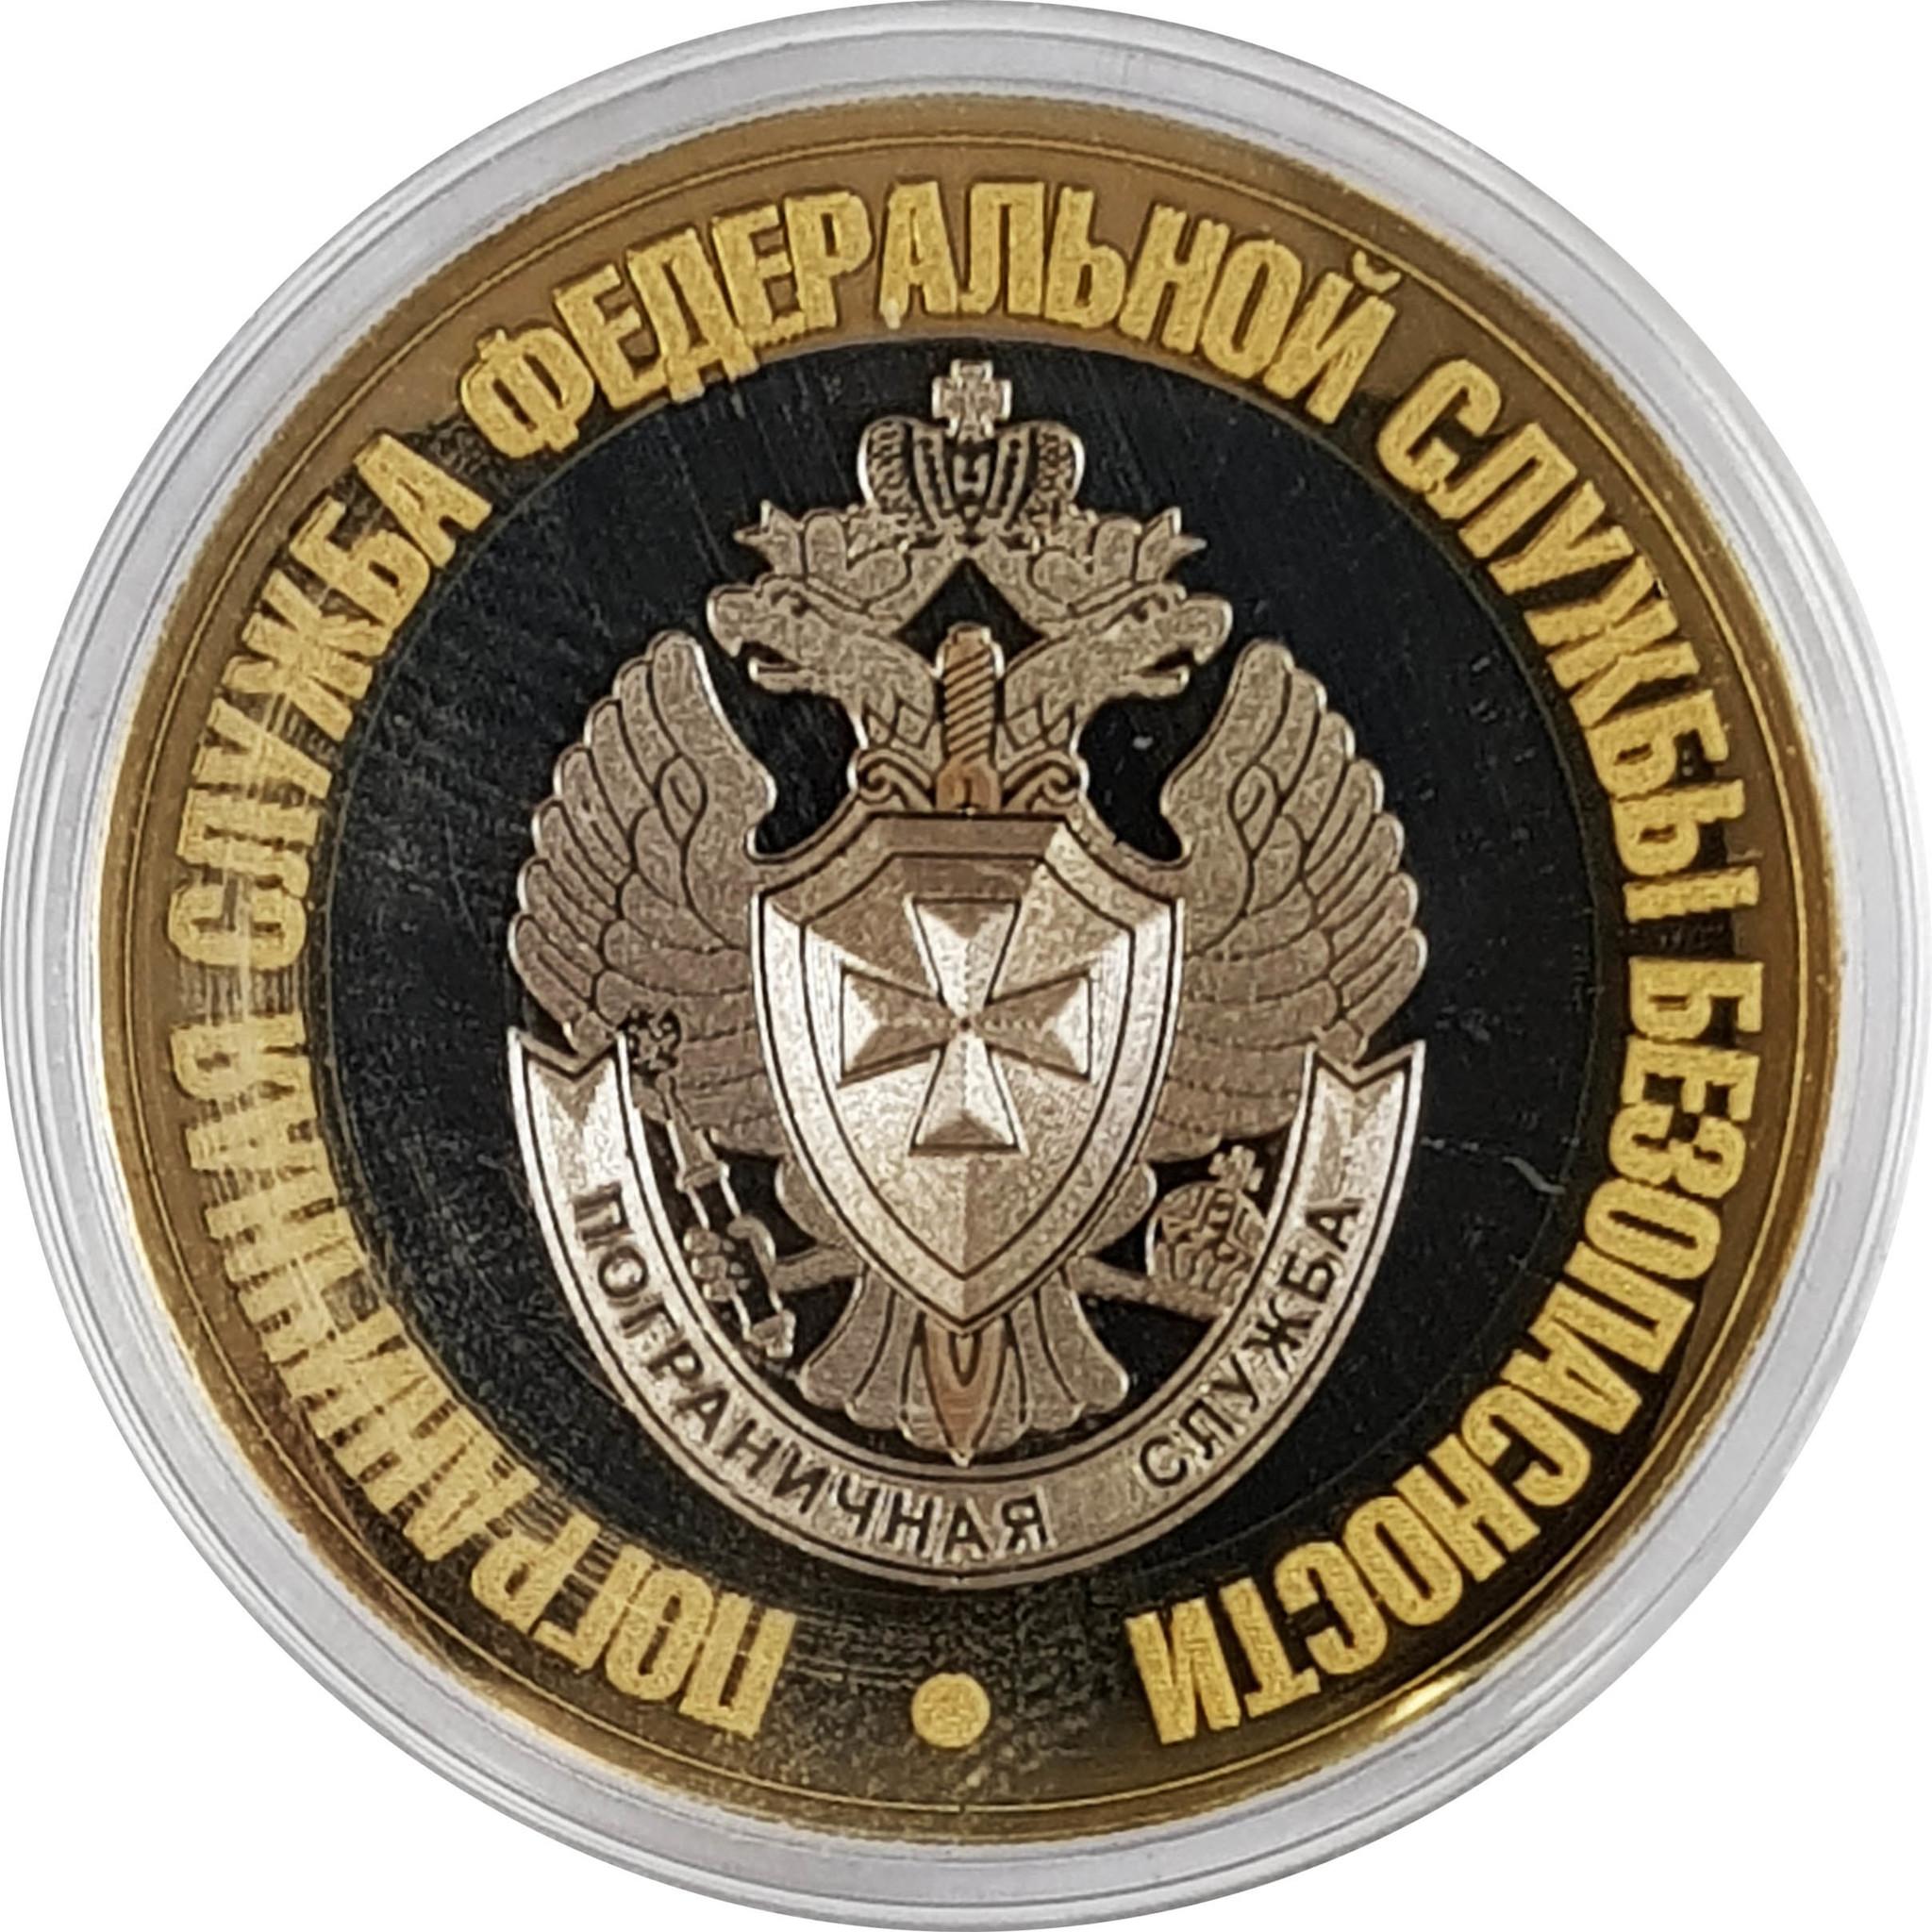 Пограничная служба ФСБ. Гравированная монета 10 рублей